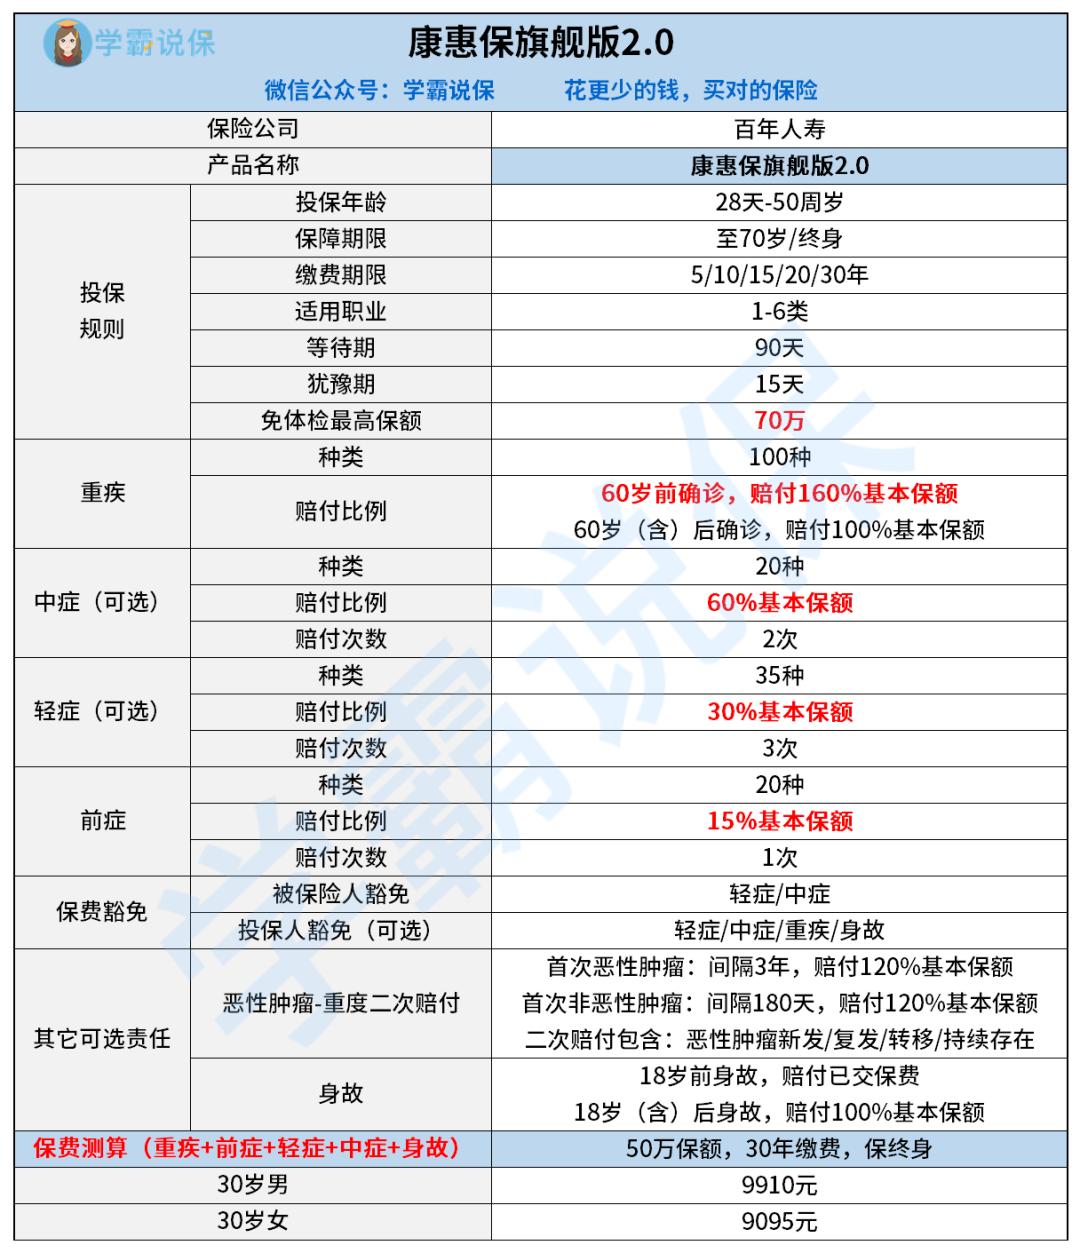 6  康惠保旗舰版2.0产品形态图.png